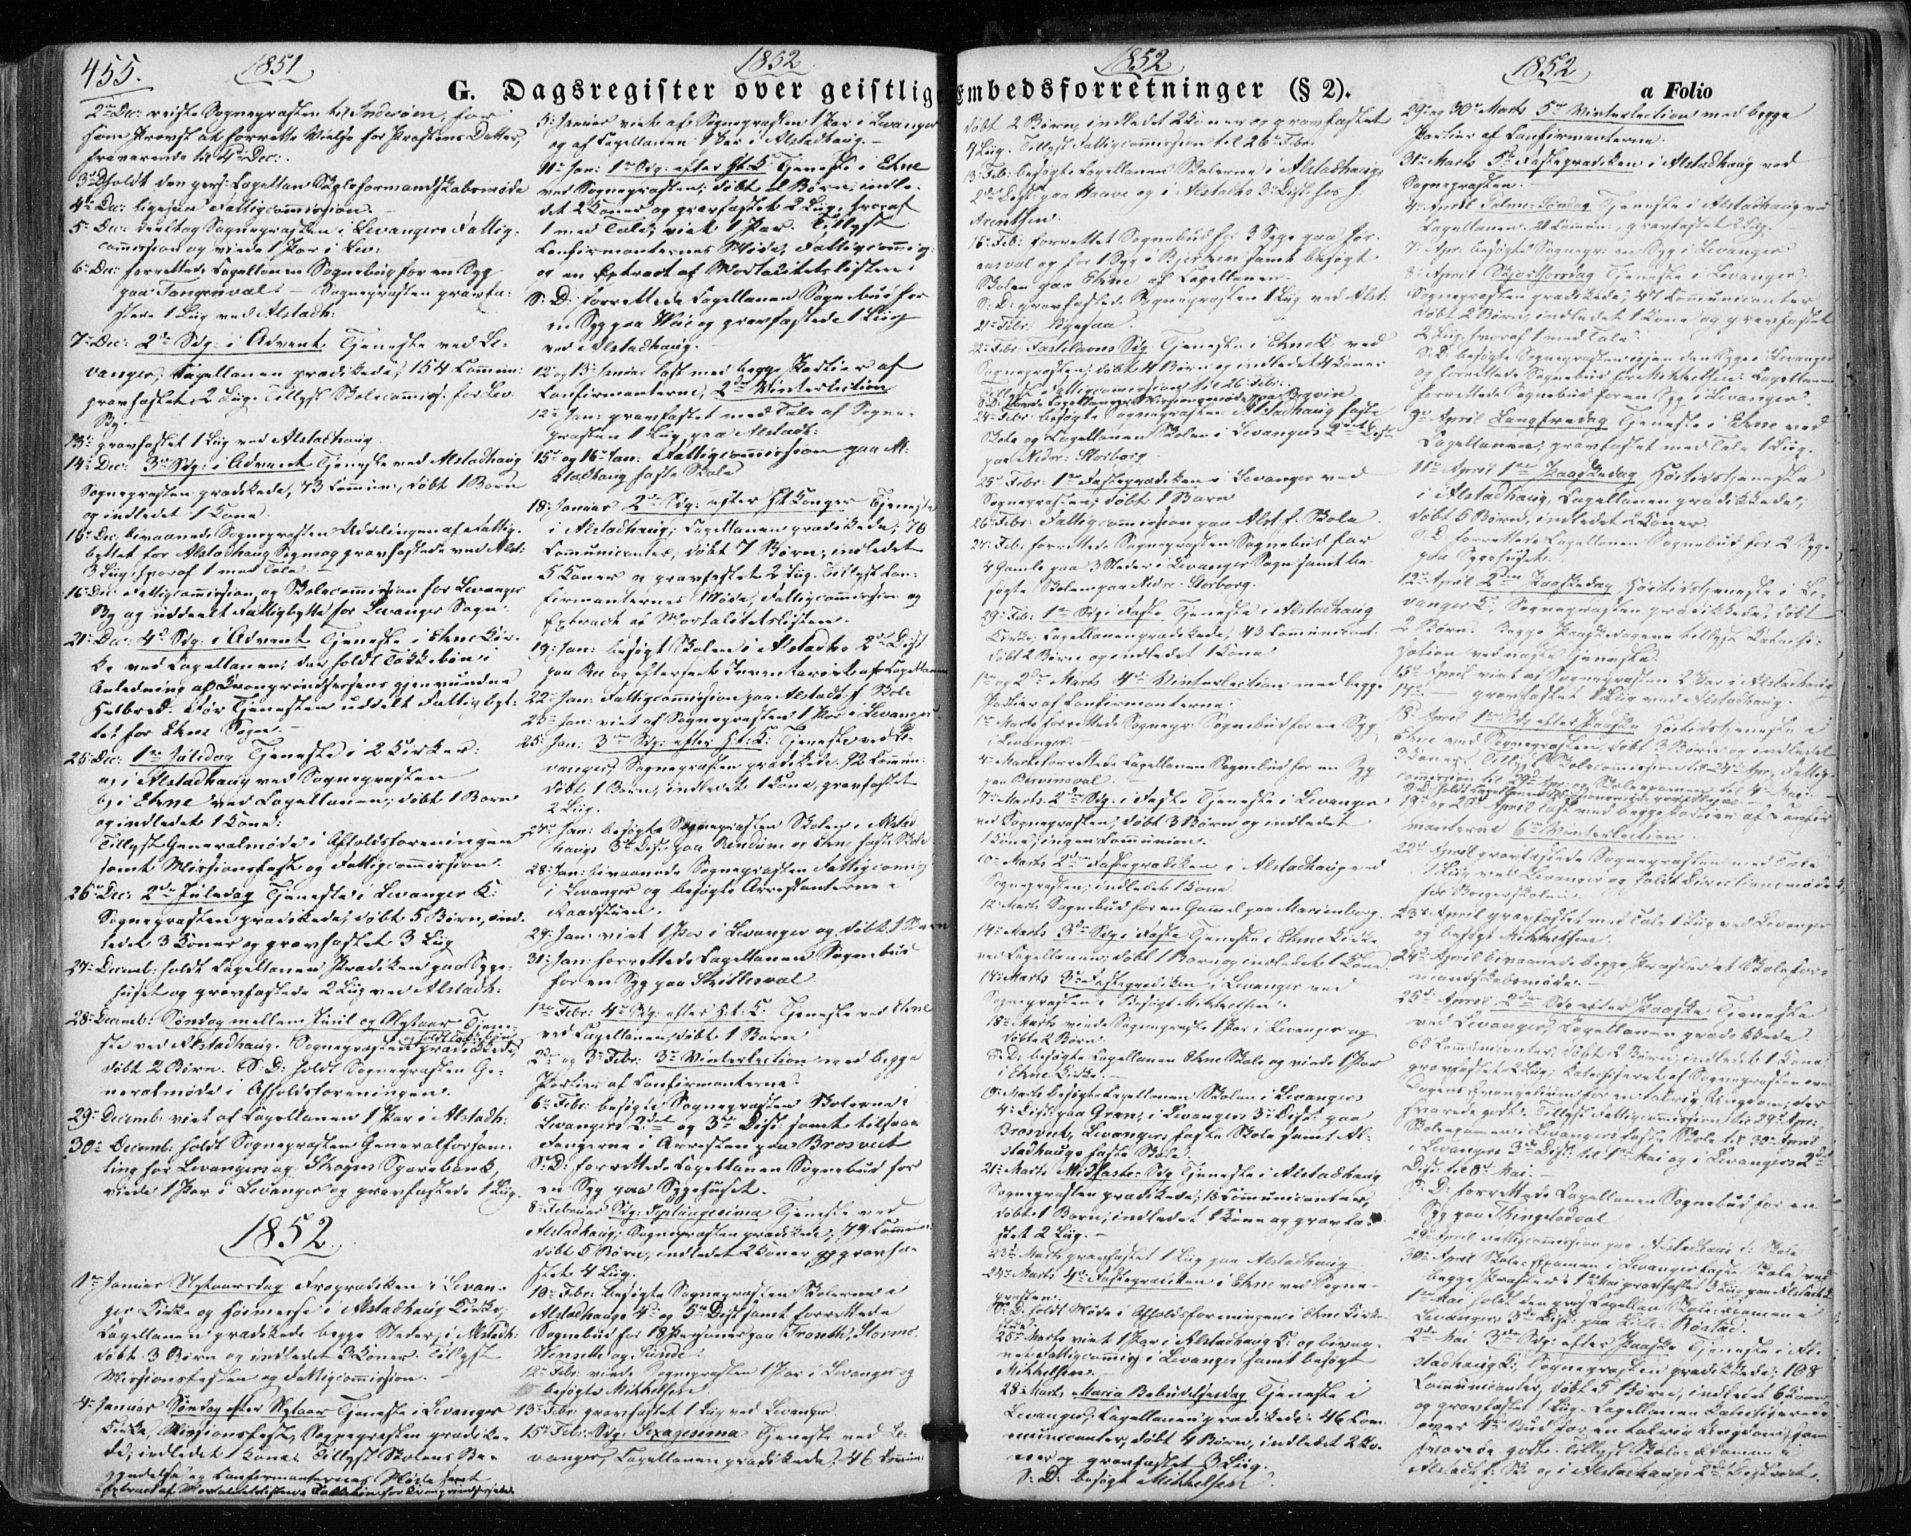 SAT, Ministerialprotokoller, klokkerbøker og fødselsregistre - Nord-Trøndelag, 717/L0154: Ministerialbok nr. 717A07 /1, 1850-1862, s. 455